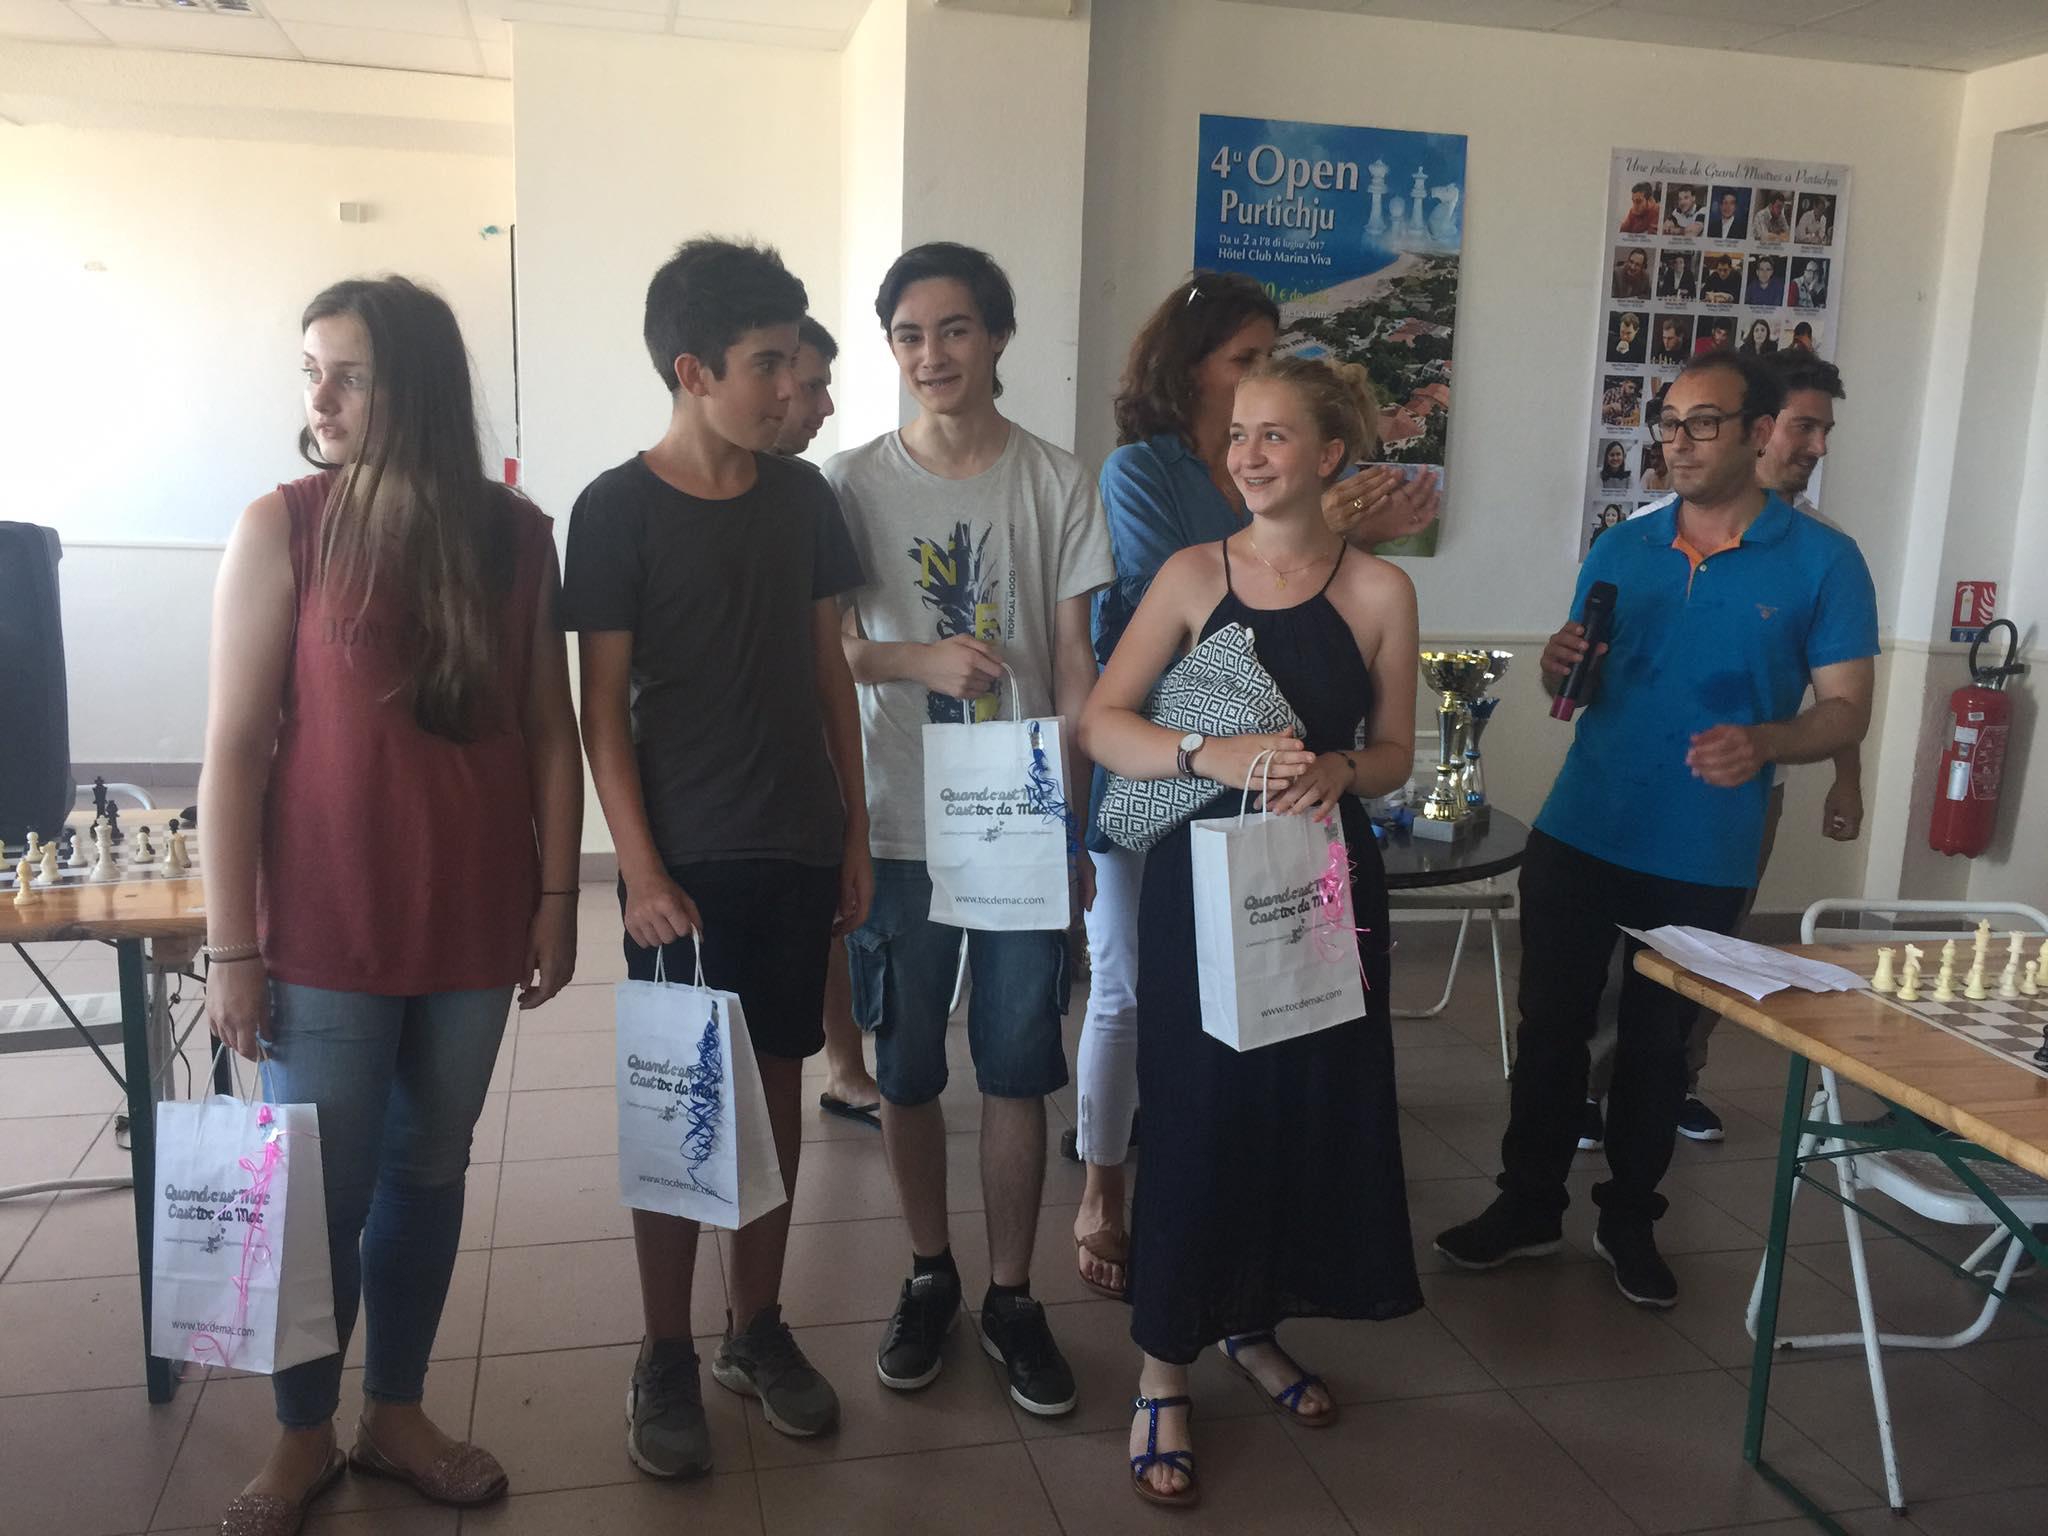 L'équipe du Collège St Paul, championne de France UNSS a été honorée.